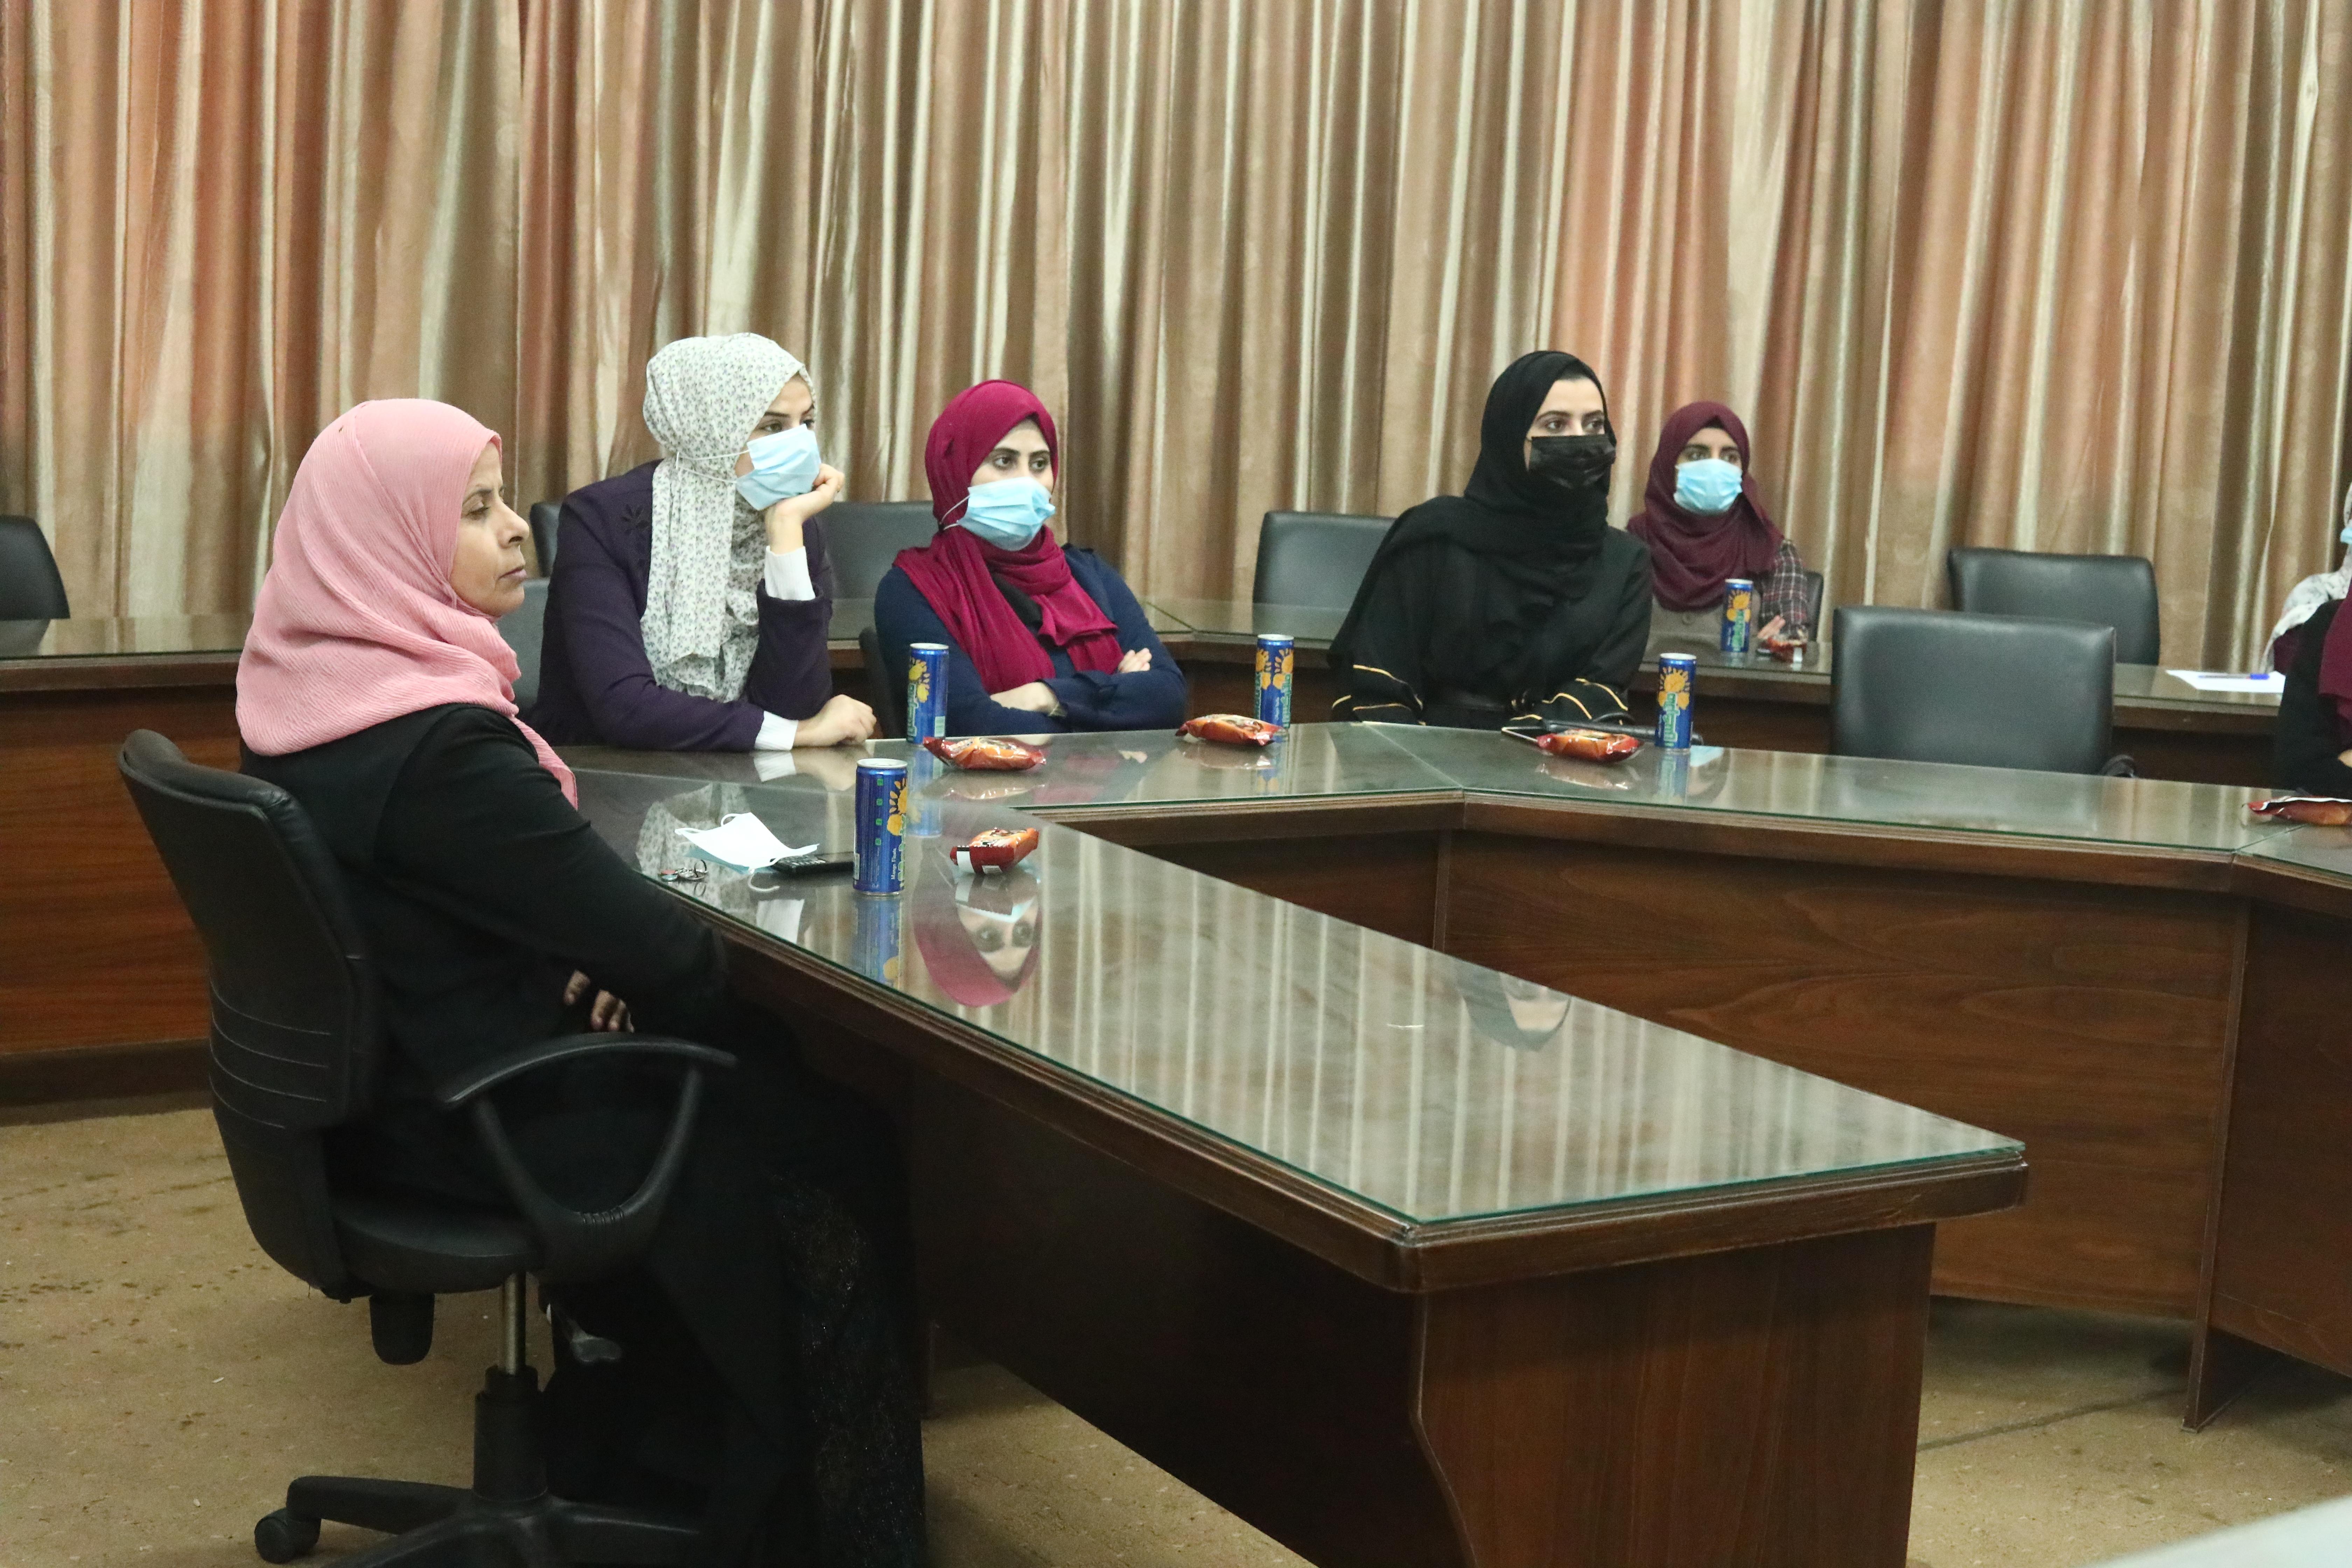 بلدية دير البلح تنظم اللقاء الأول لمجموعة النساء المؤثرات